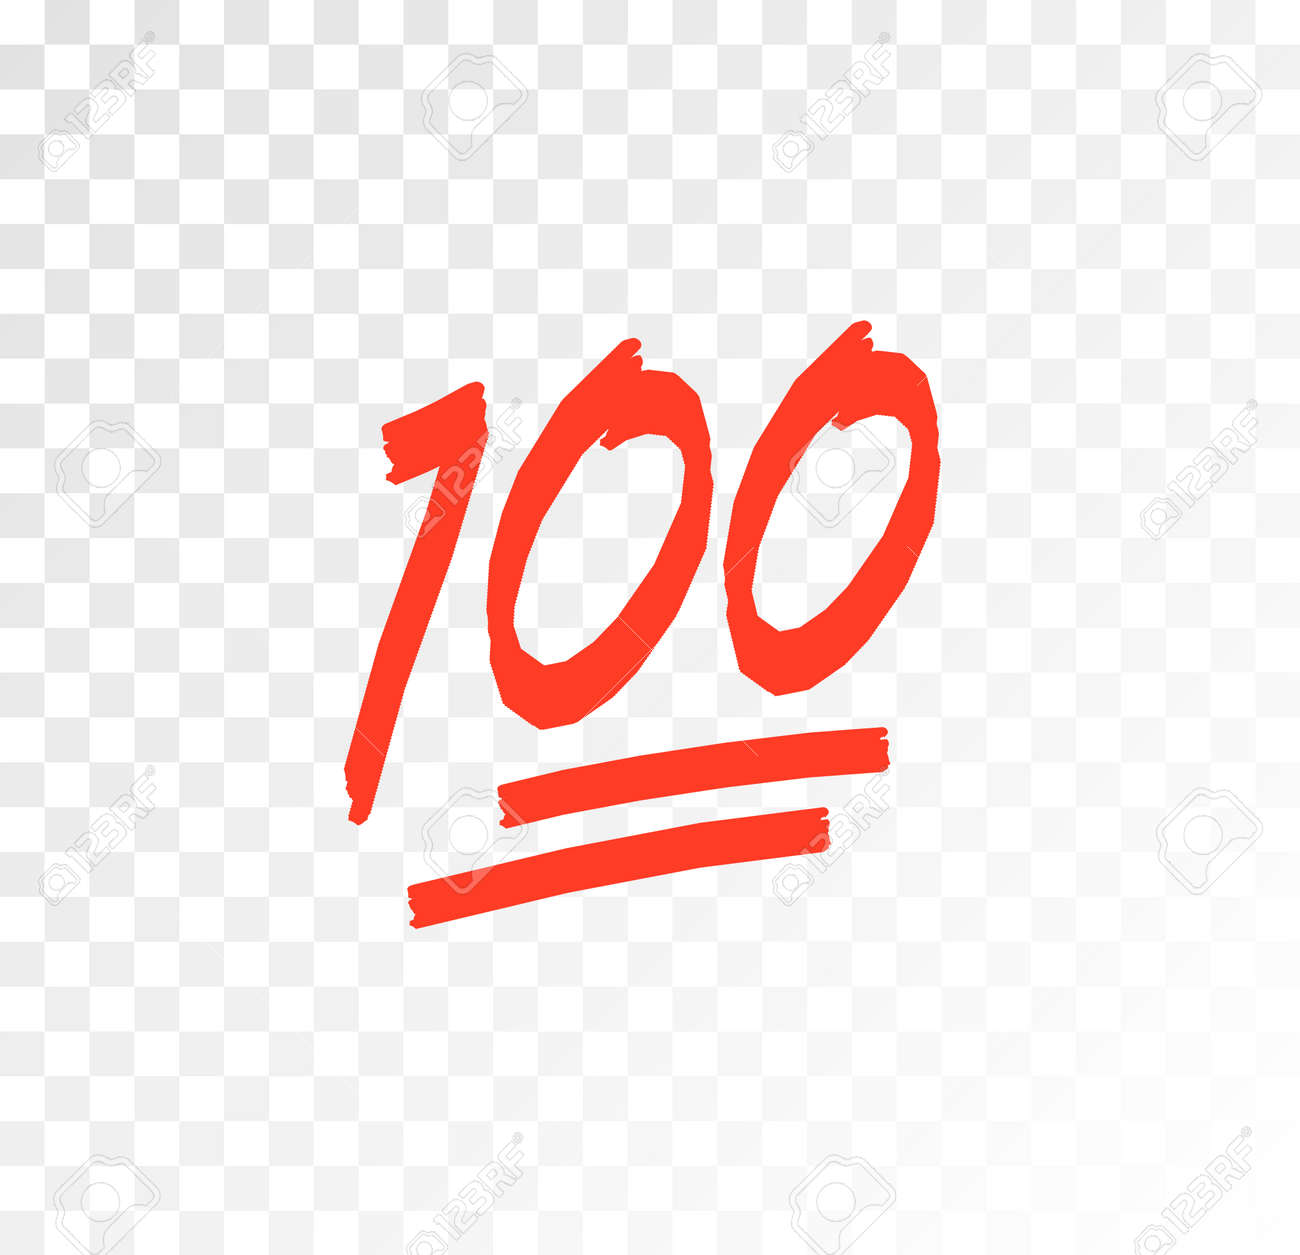 100 hundred emoticon vector icon. 100 emoji score sticker - 168953053